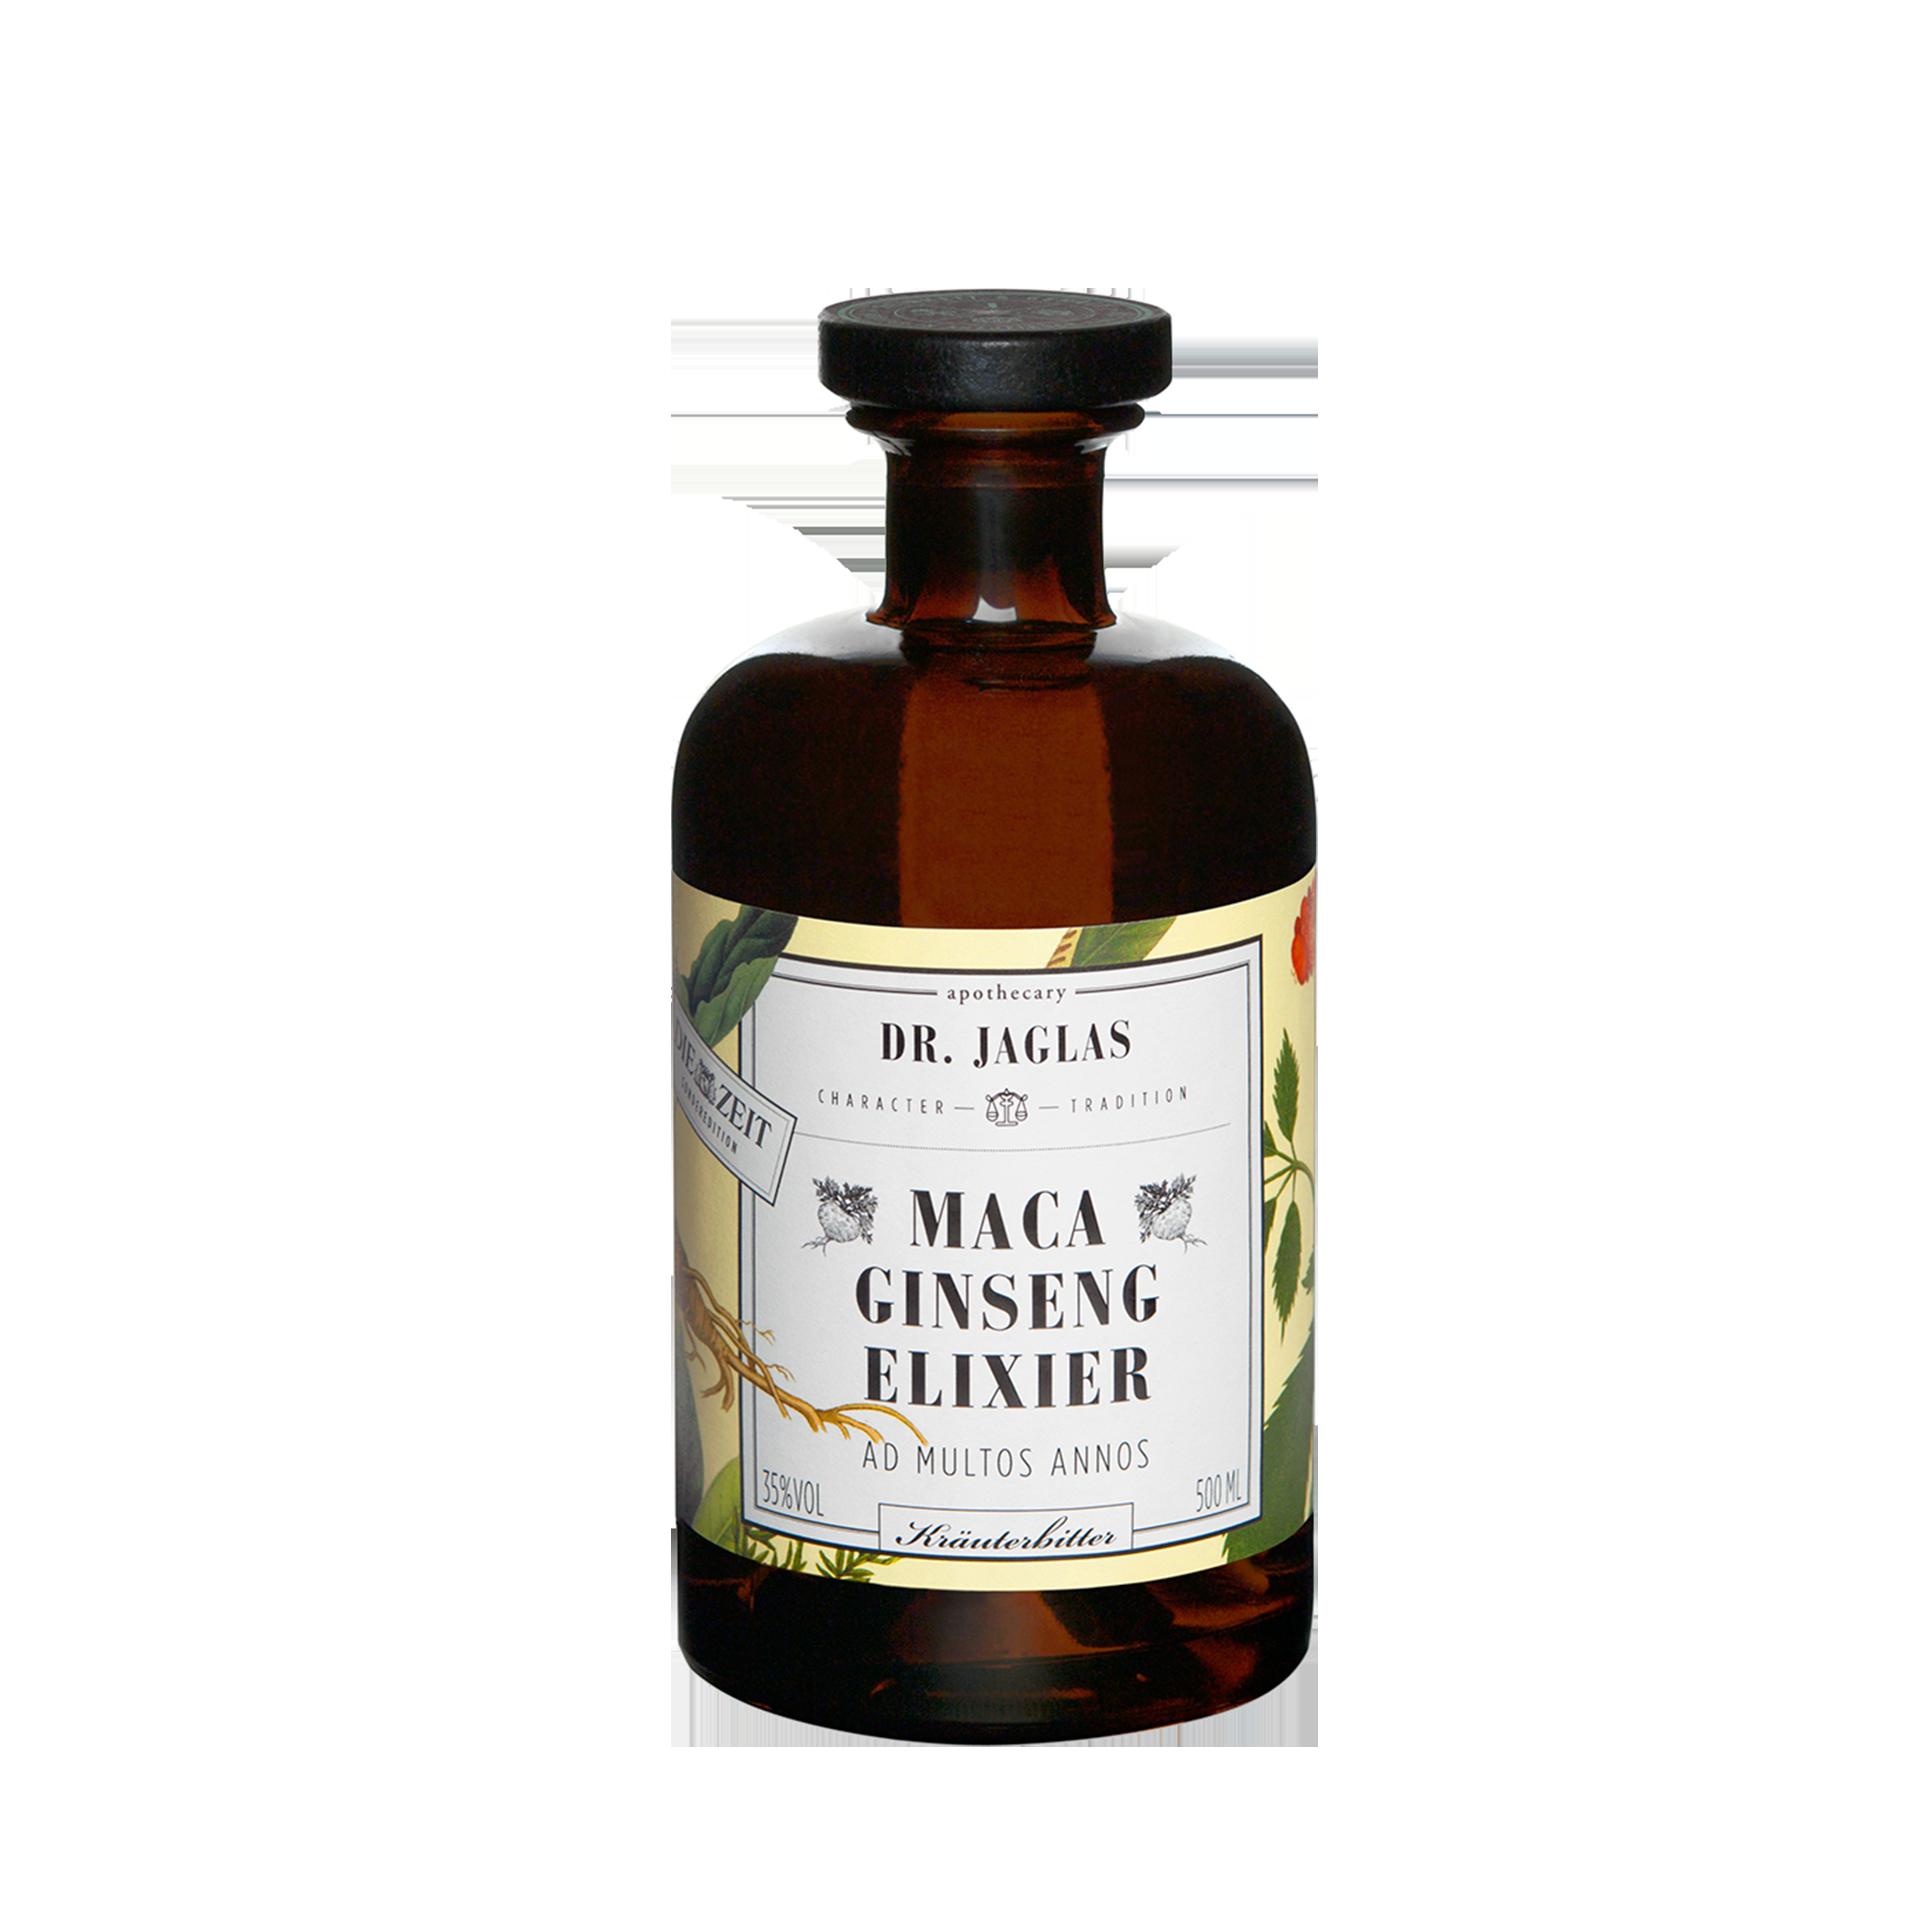 Maca Ginseng Elixier, 500 ml